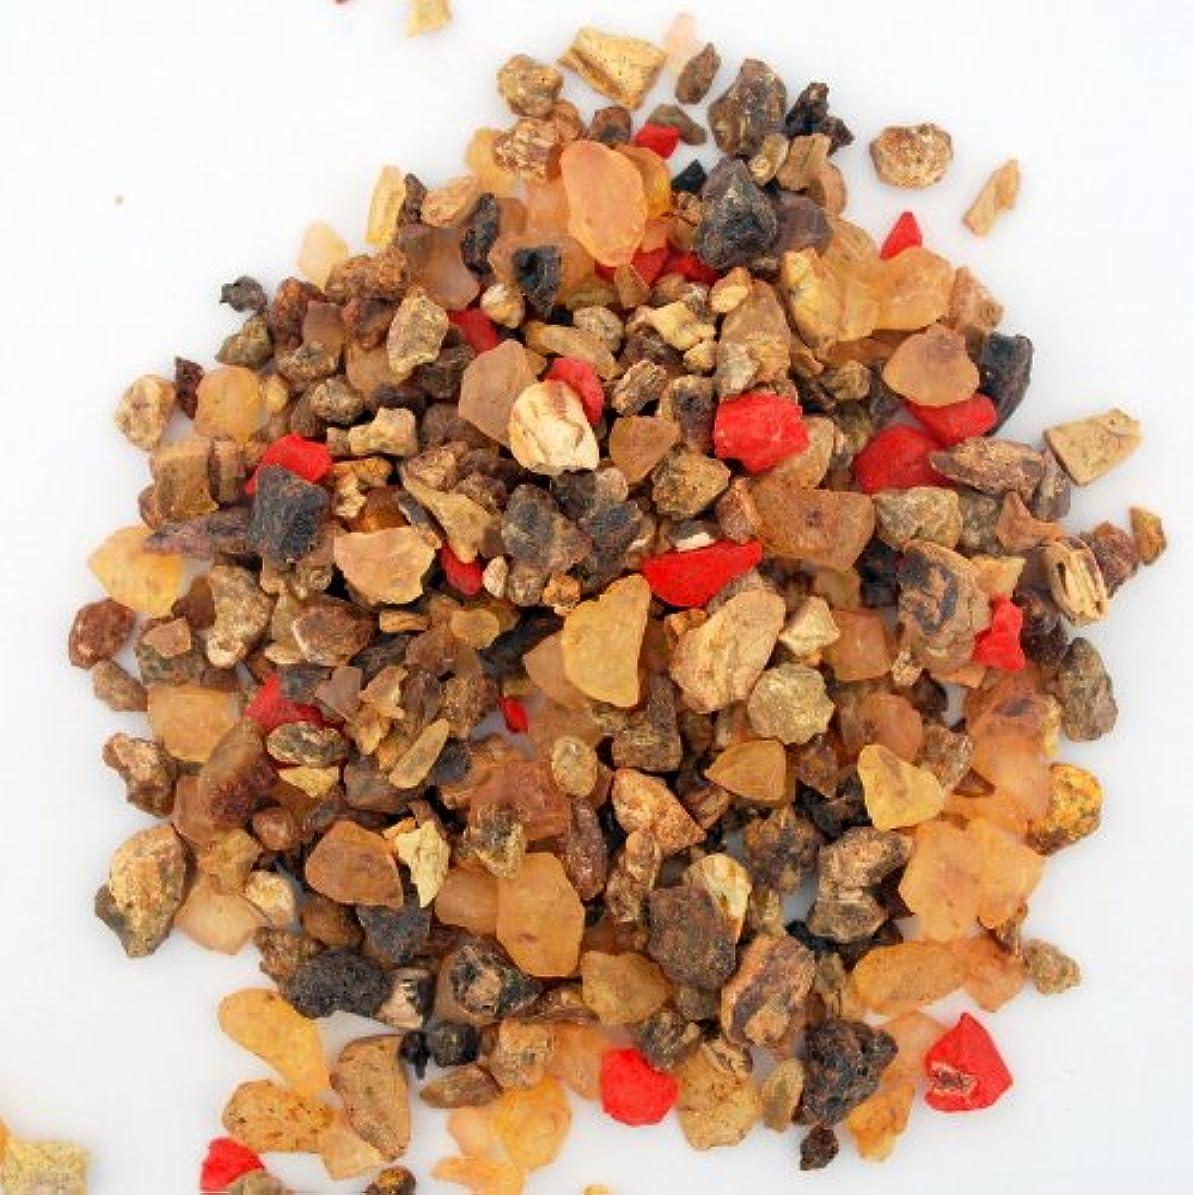 Trinity樹脂Incense – 1ポンドボックス – フローラルブレンド香り